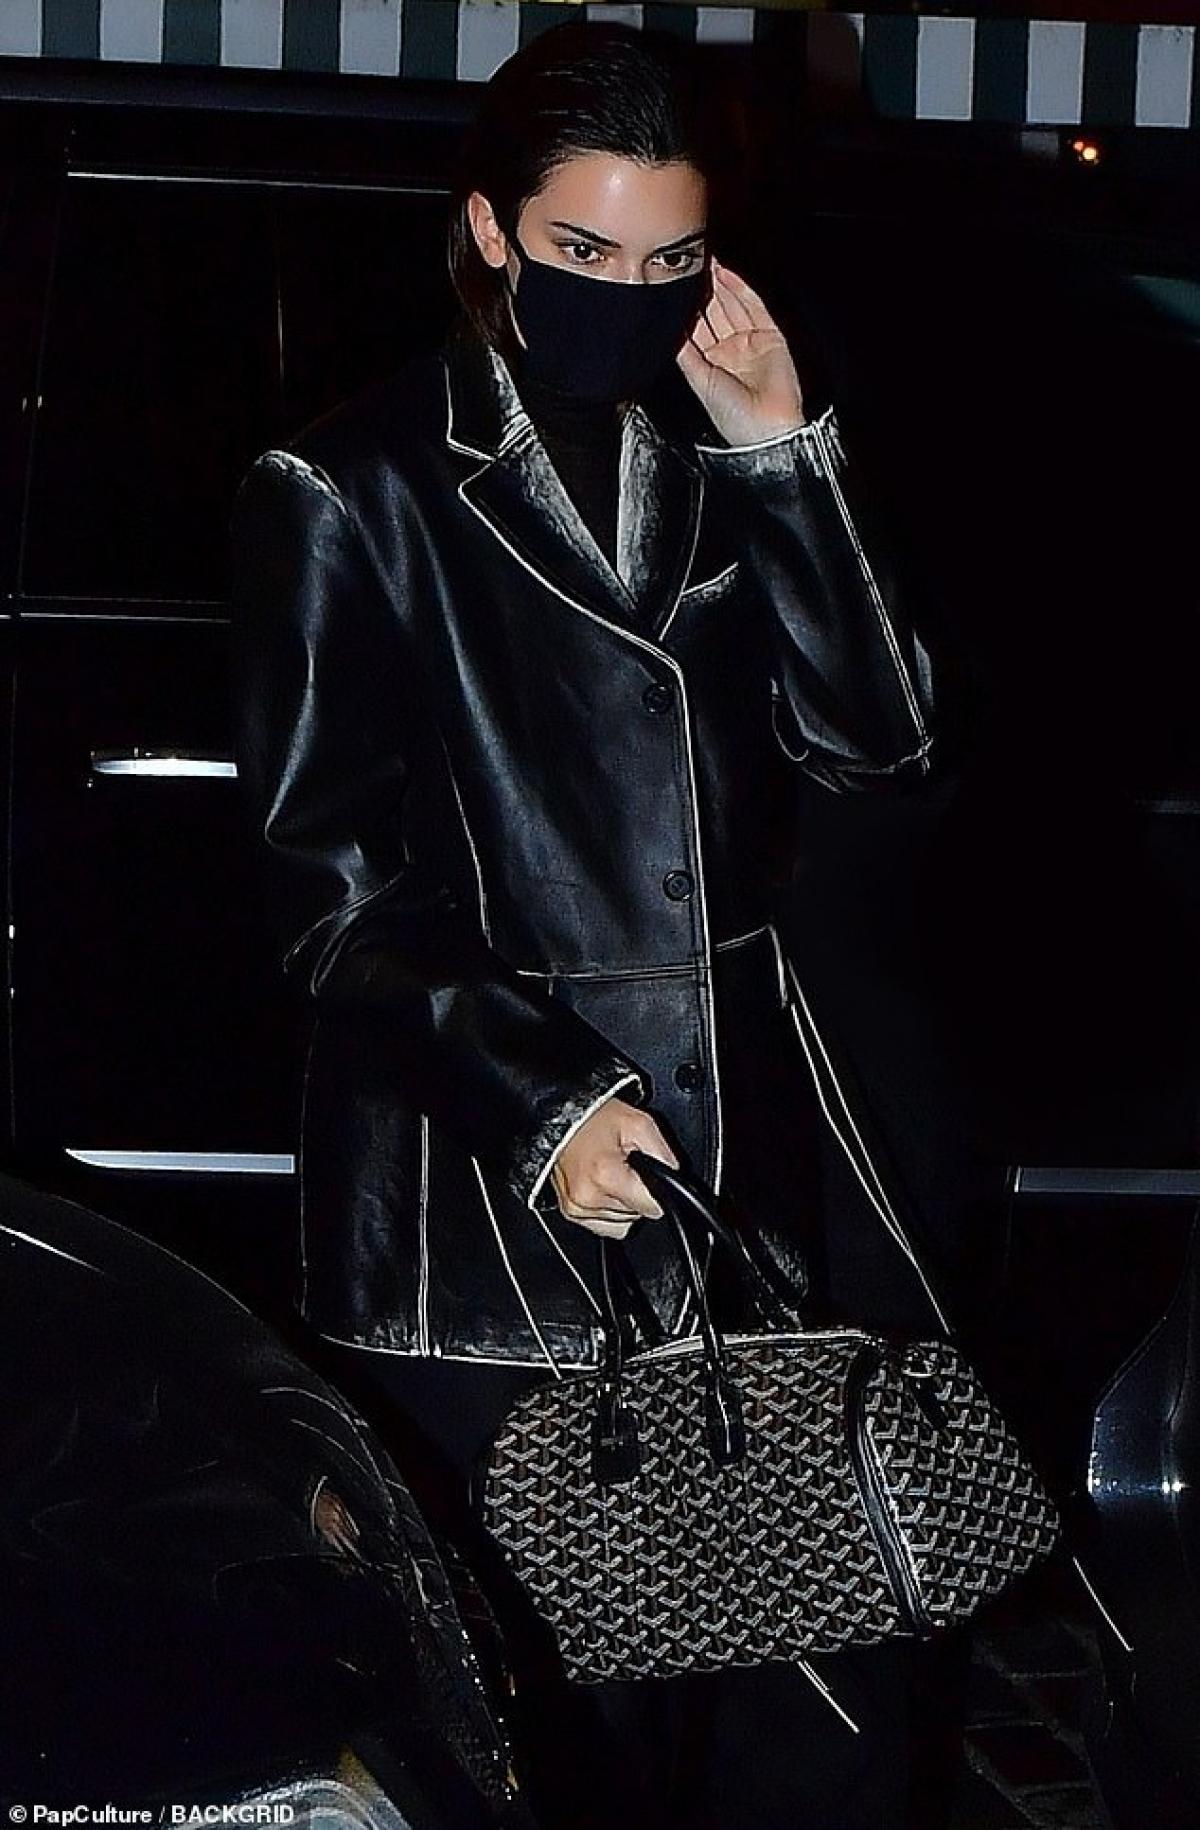 Xuất hiện ở bất cứ đâu, Kendall Jenner cũng là tâm điểm thu hút sự chú ý của người hâm mộ.